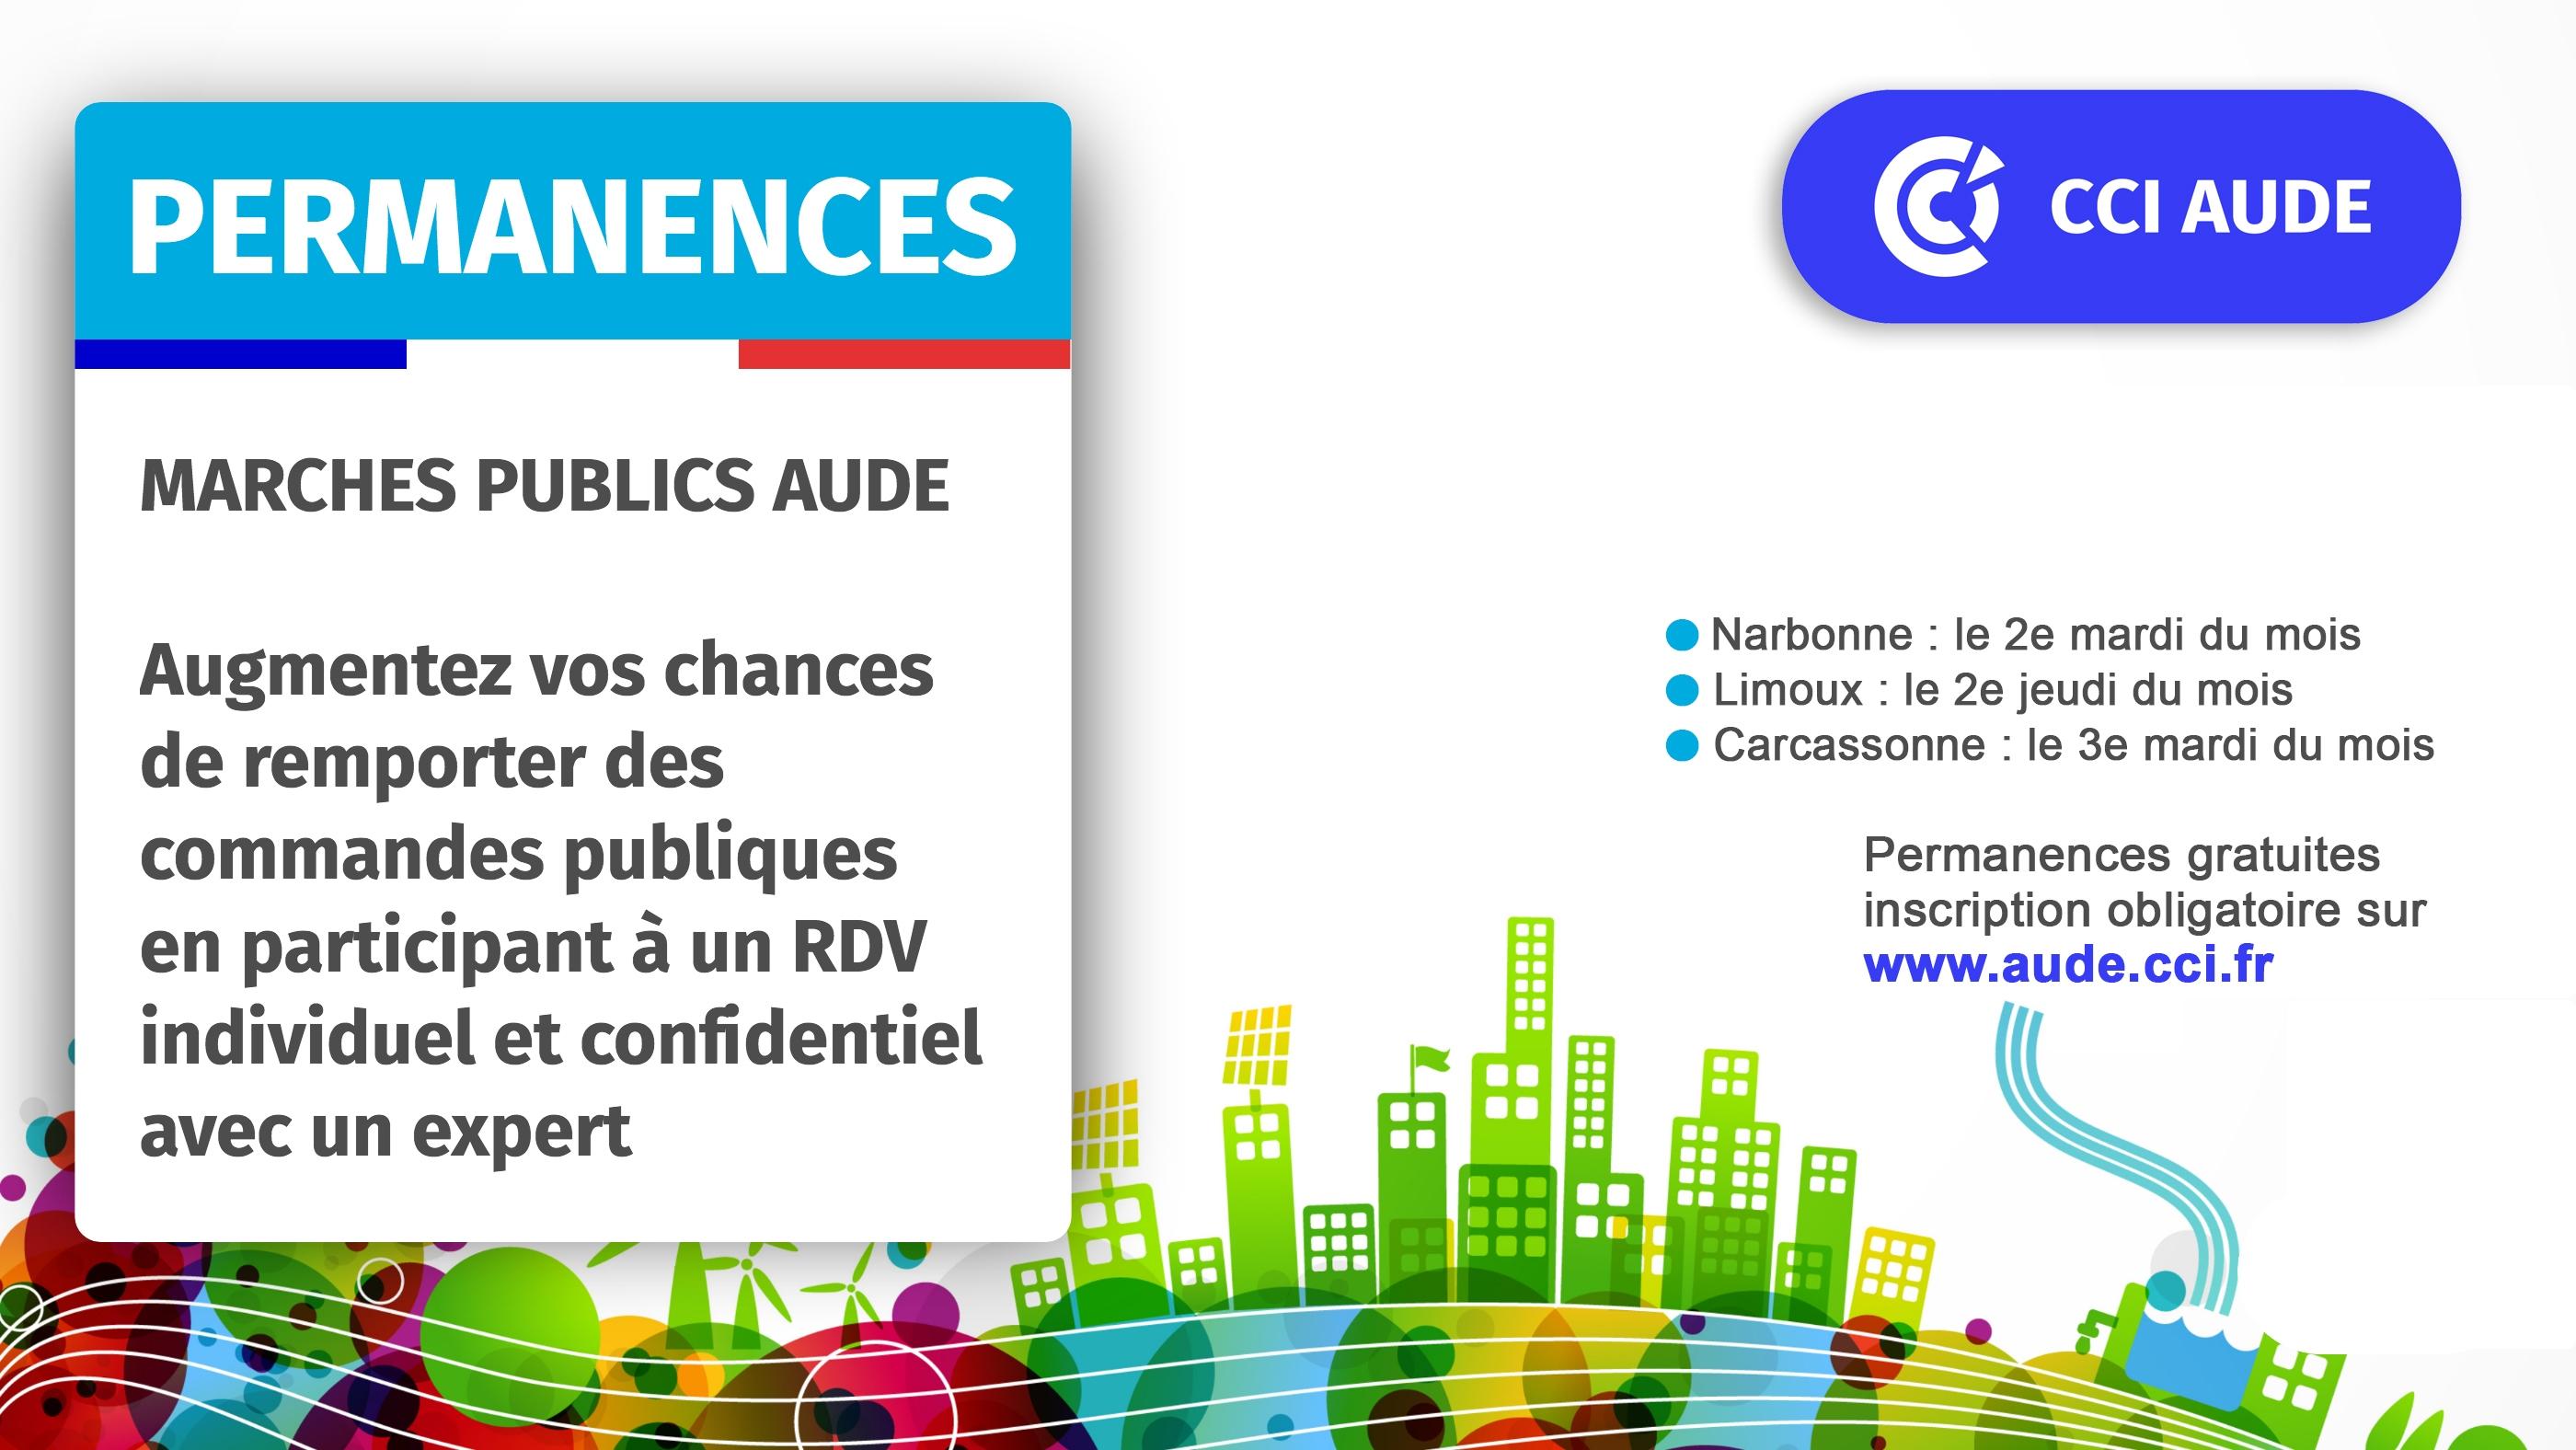 2020 visuel permanences Marchés Publics Aude 3 lieux